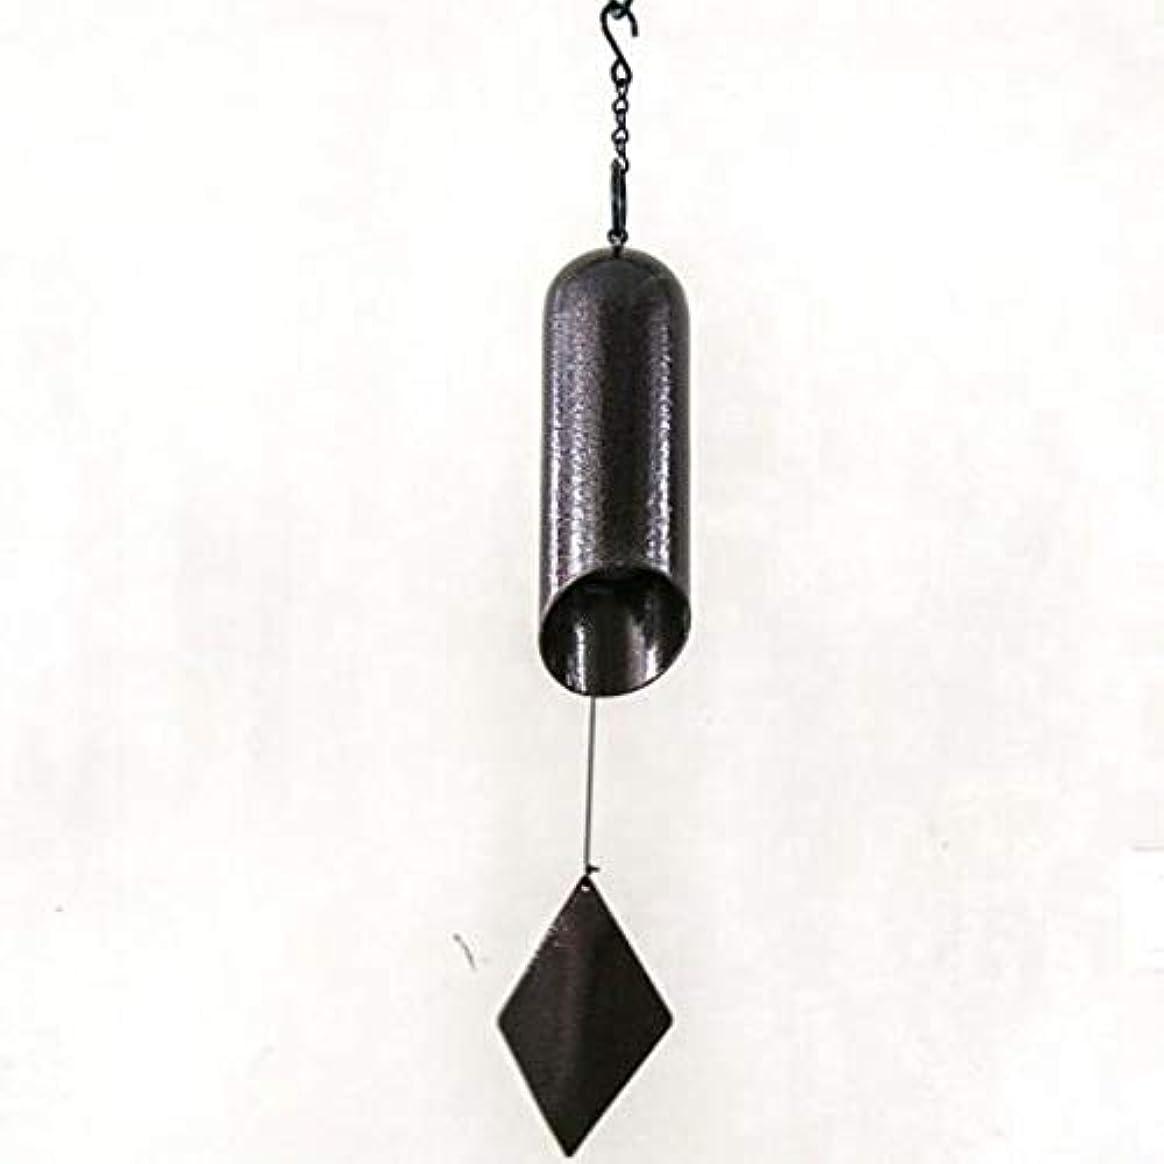 ドラムサラダエンコミウム風チャイム、手作り円筒鋳鉄シングルチューブ真鍮時計、オリジナルデザインの飾り、ダークブラウン (Size : 62cm)